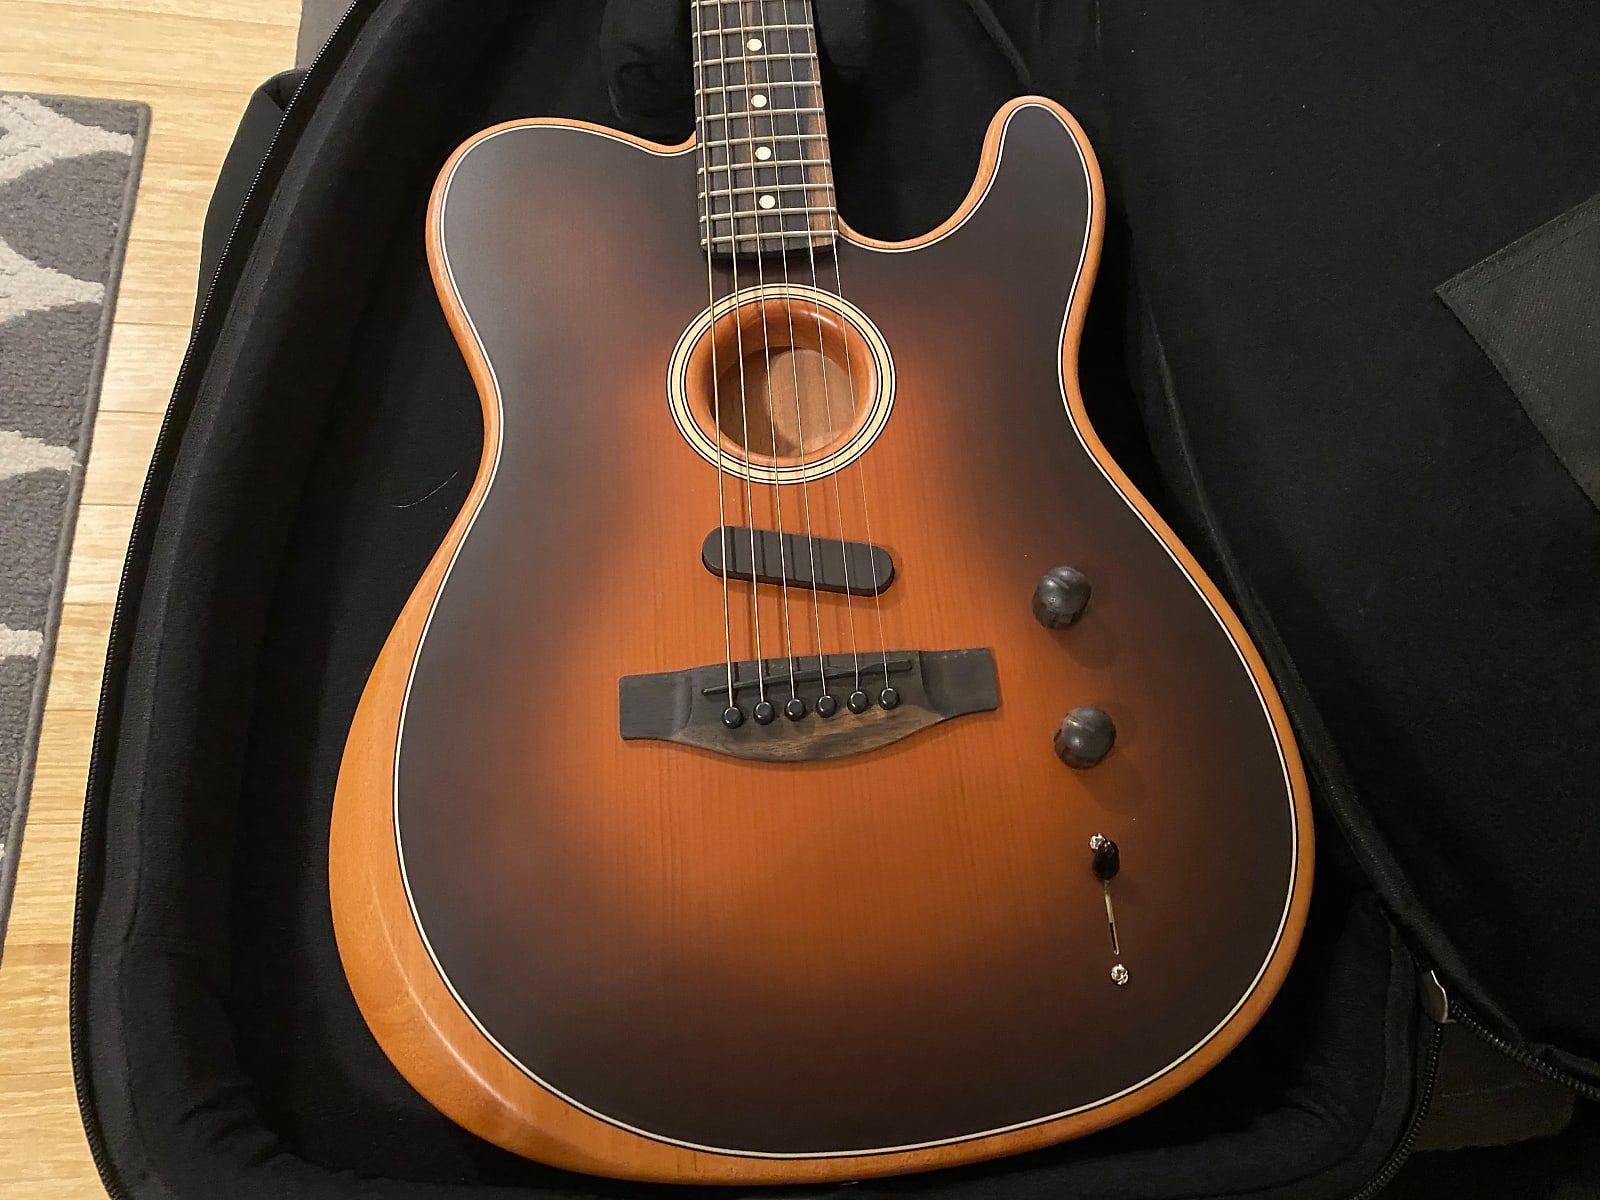 Custom Shop Acoustasonic Tele Sunburst الغيتار الكهربائي البوليستر الساتان ماتي النهاية، تحفيز أعلى، عميق c الماهوجني الرقبة، أجهزة الكروم